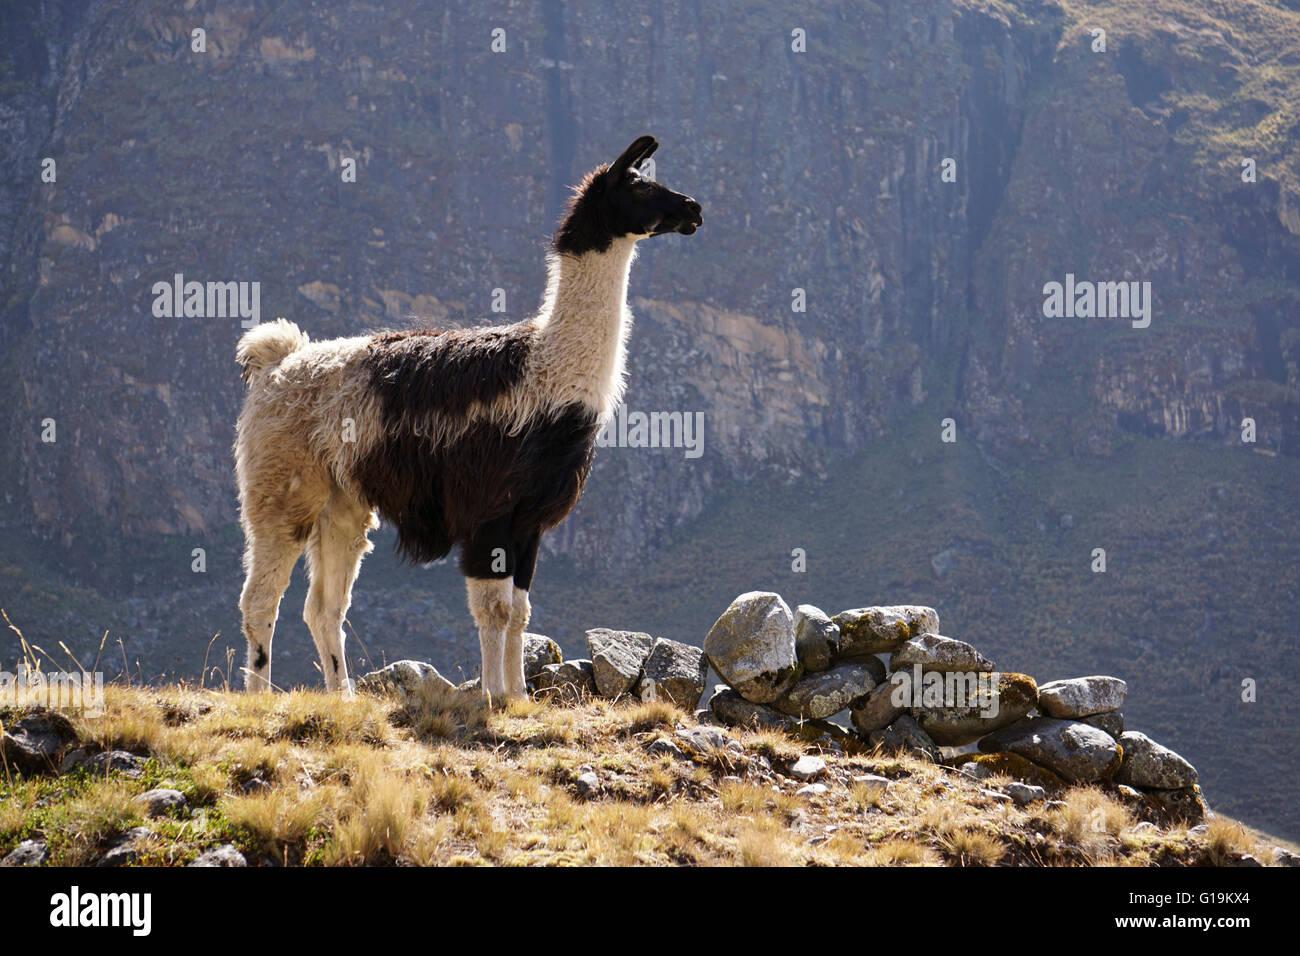 Llama, El Choro, Bolivia - Stock Image